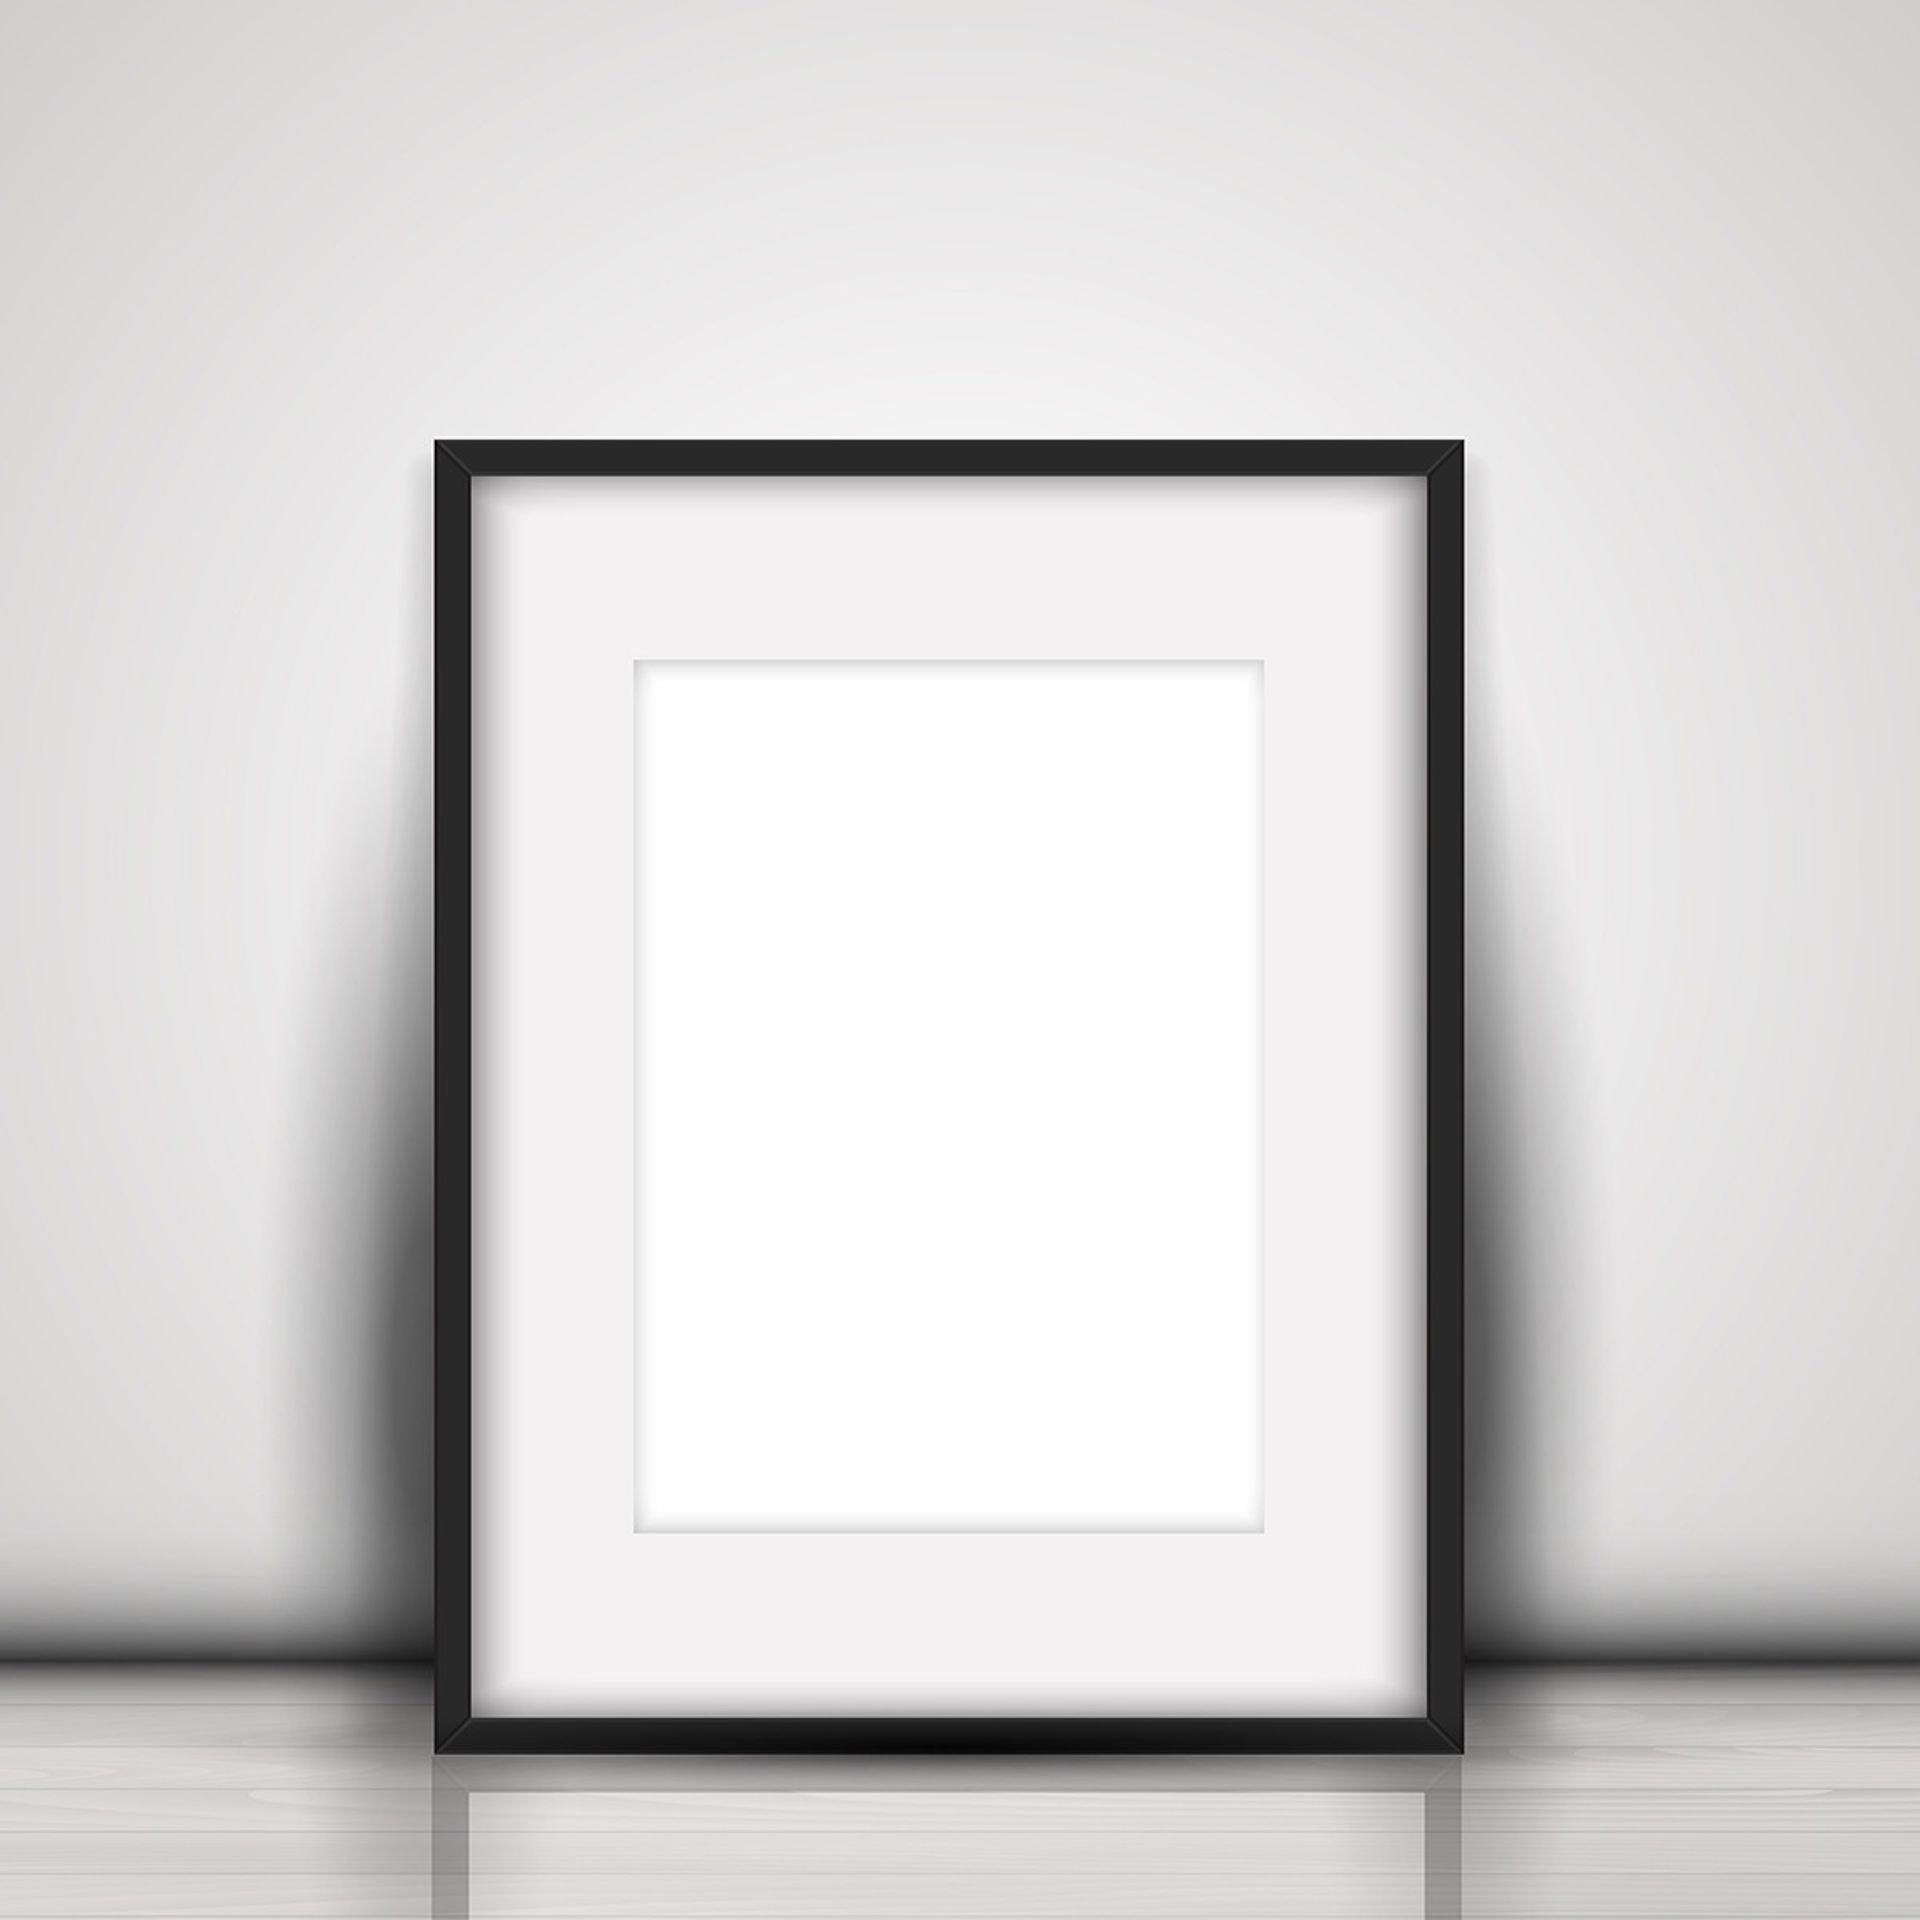 =מסגרת תמונה איכותית דגם FR9227, כולל הדפסת תמונה.